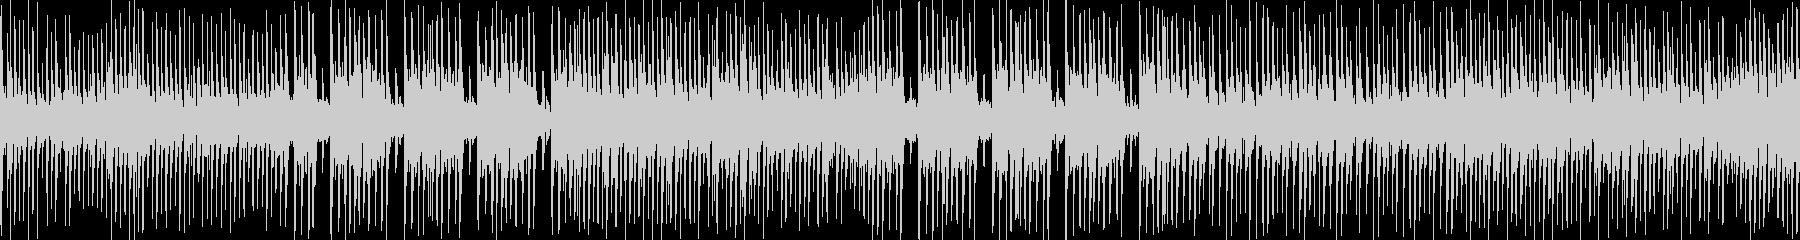 生演奏三味線と和太鼓 和風を伝えるBGMの未再生の波形